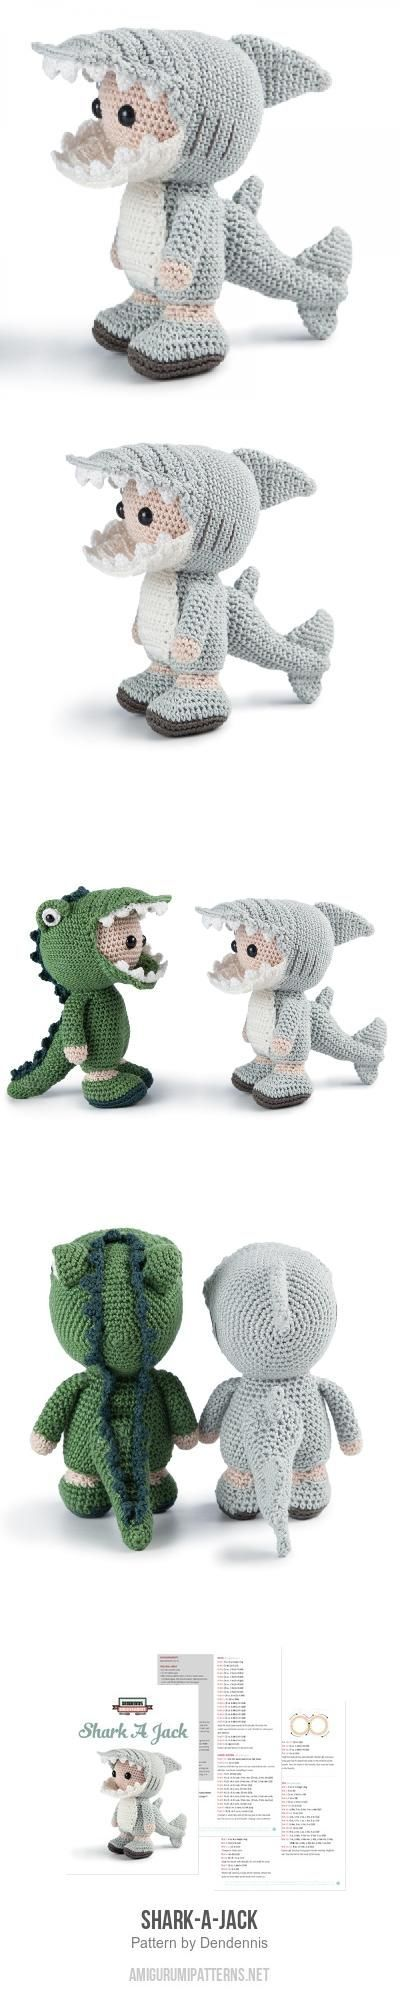 Shark-A-Jack amigurumi pattern by Dendennis | Patrones amigurumi ...